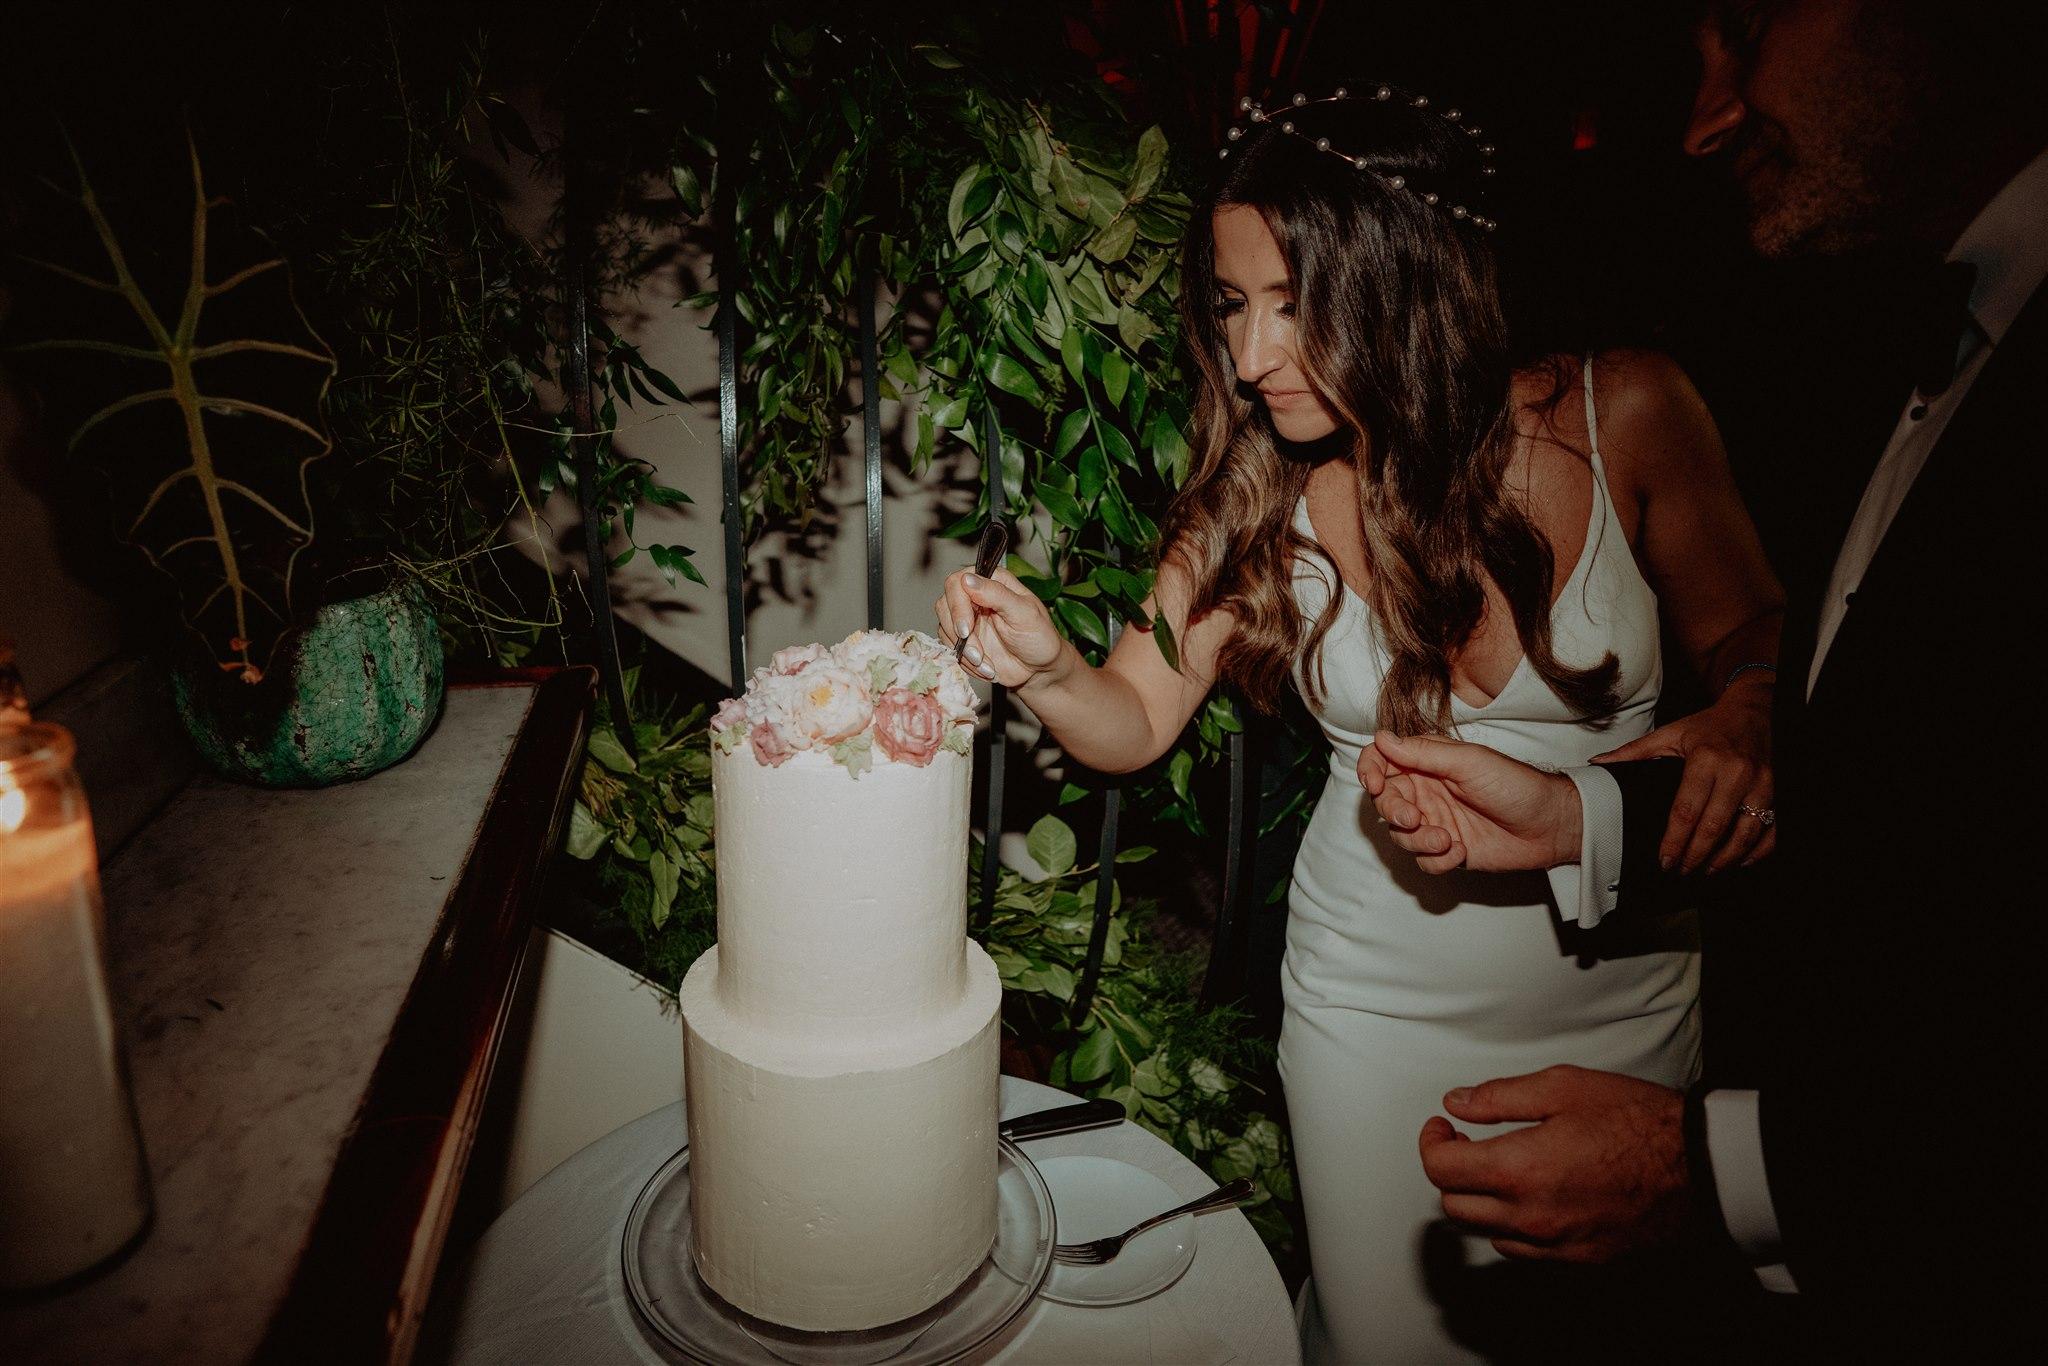 Chellise_Michael_Photography_Ramona_Brooklyn_Wedding_Photographer-532.jpg